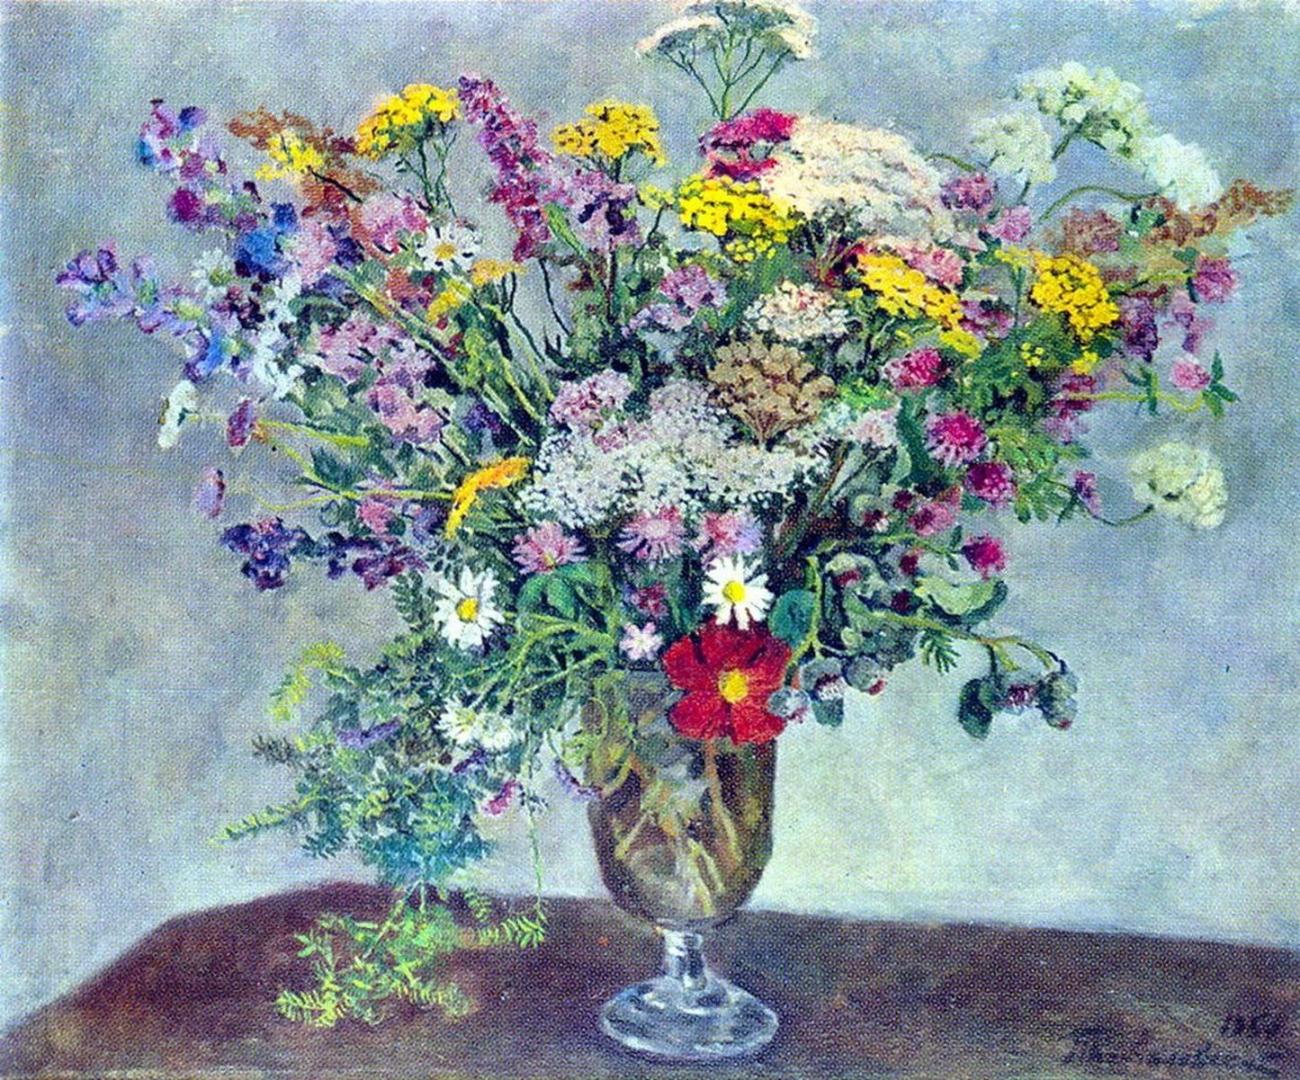 Петр Кончаловский. Натюрморт. Полевые цветы. 1950